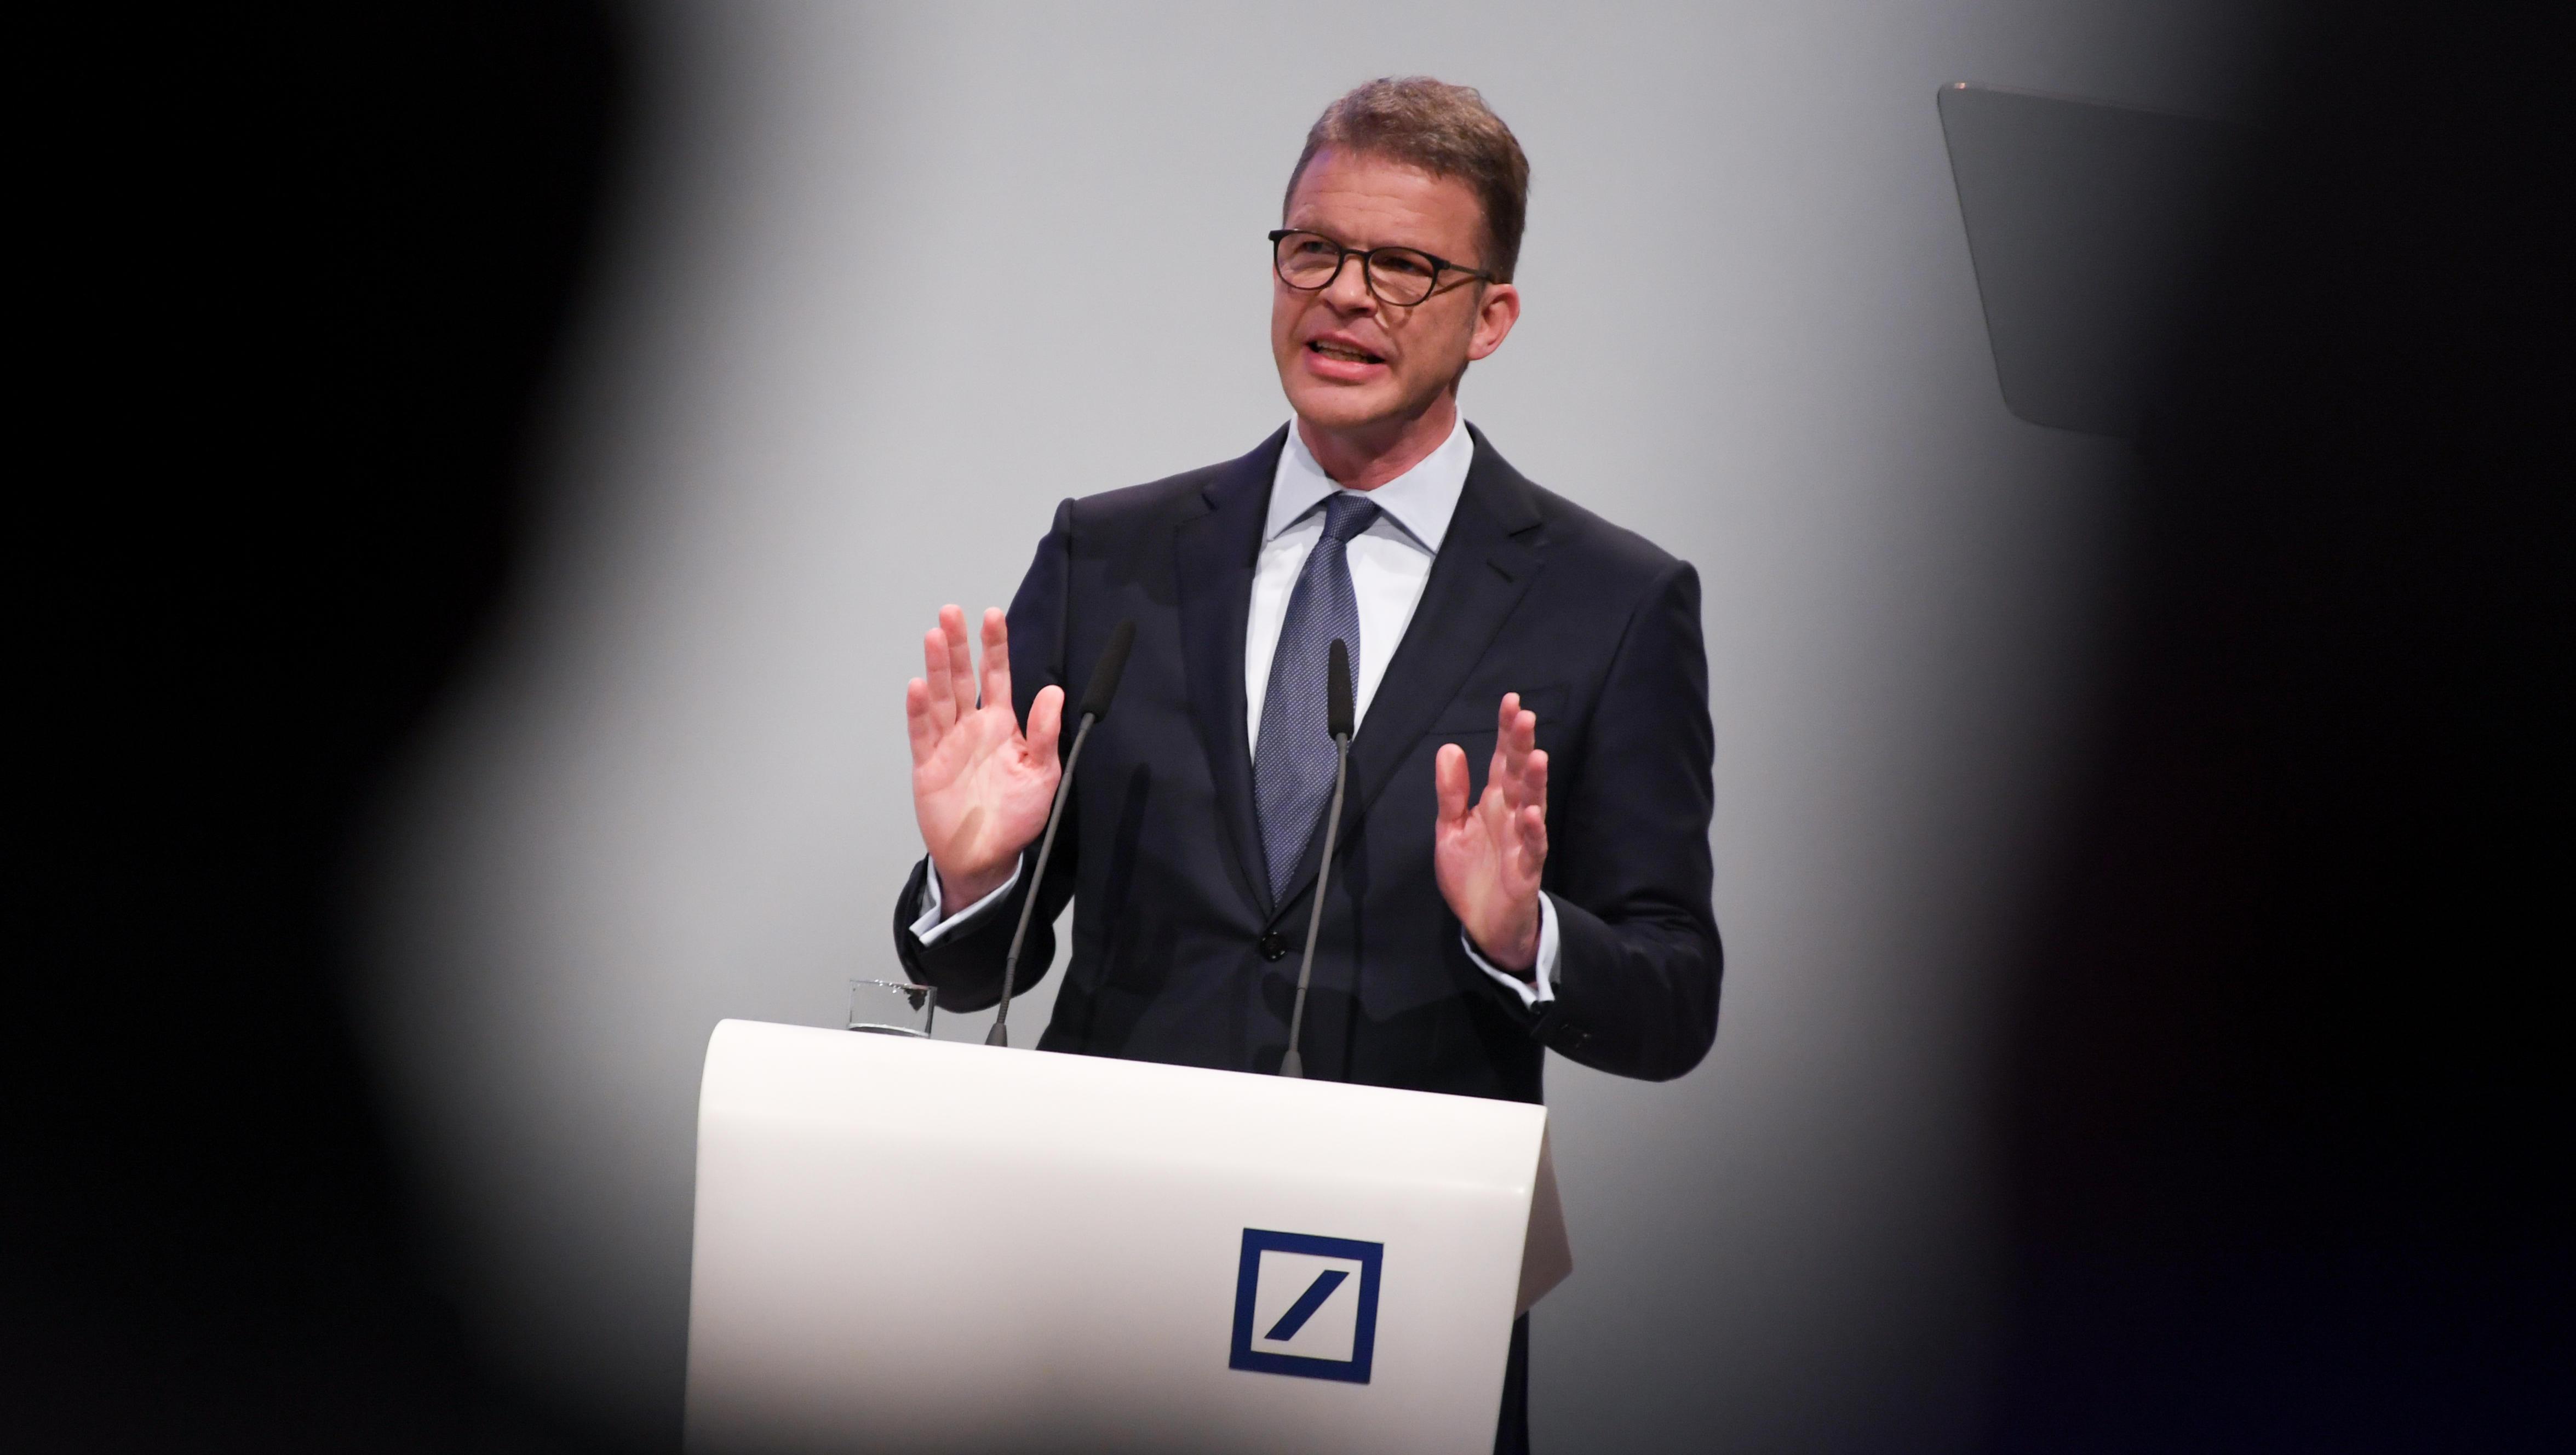 Deutsche-Bank-Chef warnt vor Spaltung der Gesellschaft durch Niedrigzinsen